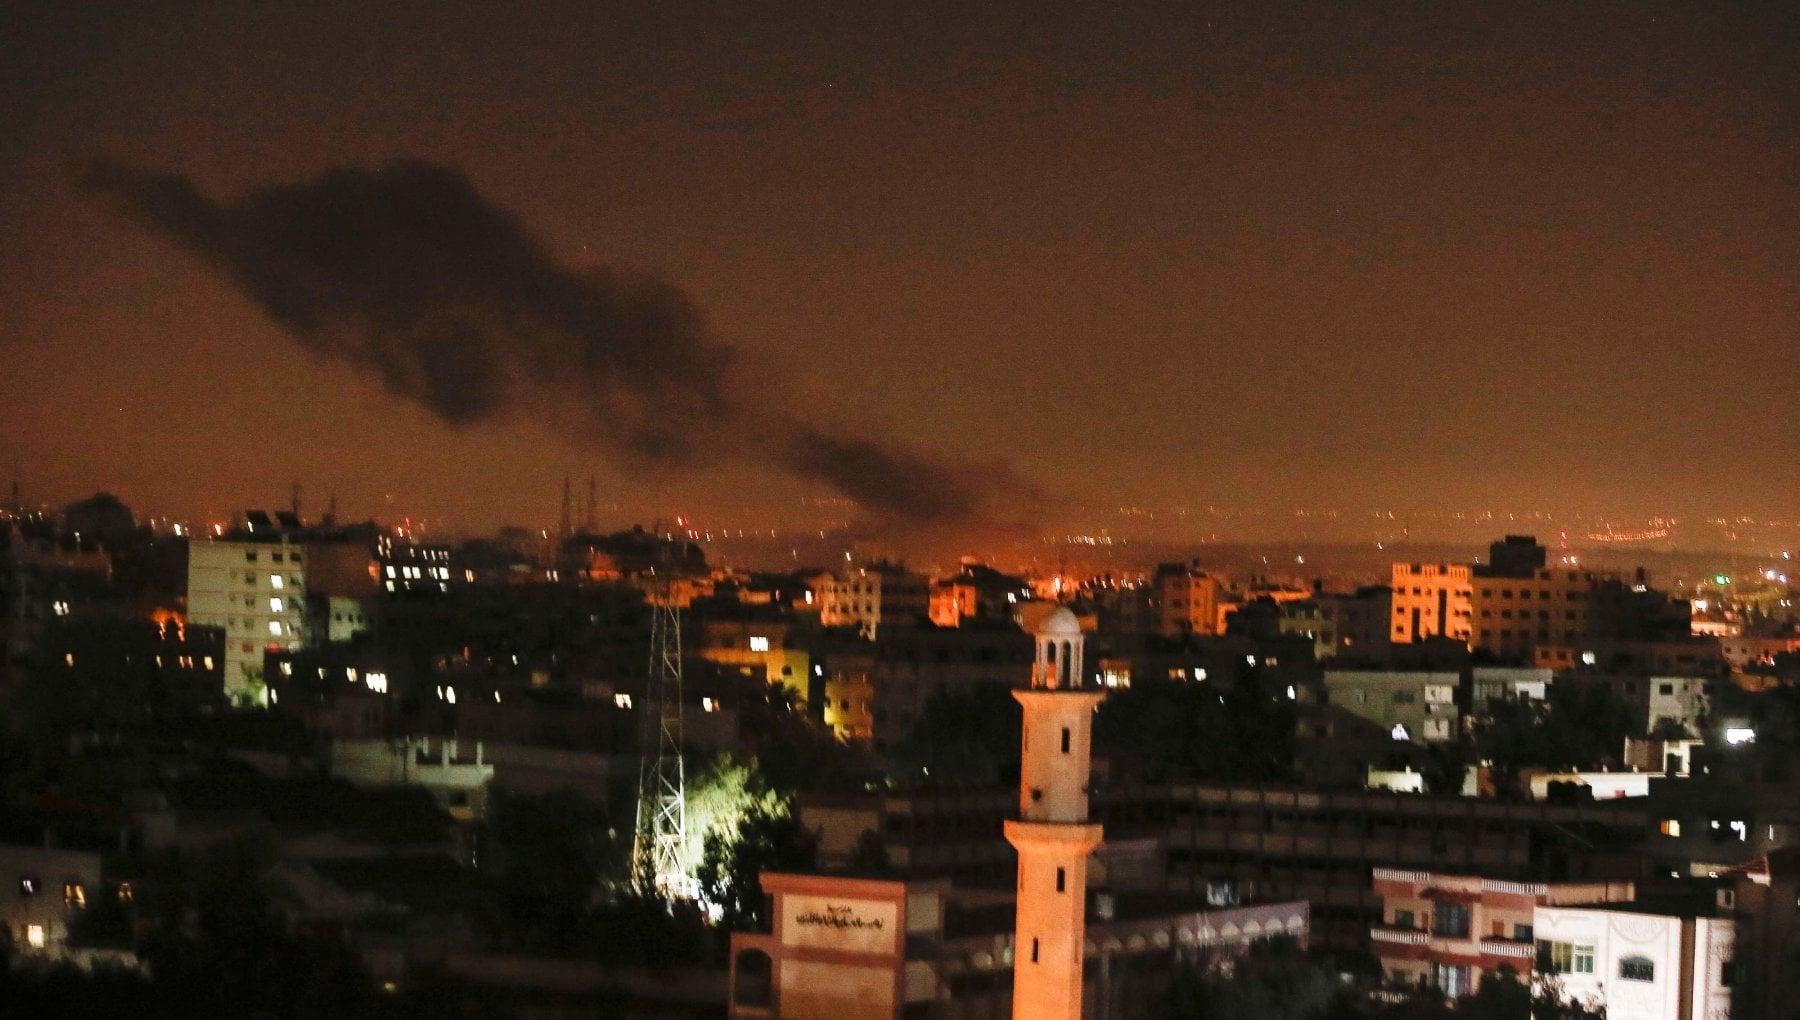 070715754 1791556a 49e0 4abf 8b0e bfa2b94f3431 - Aerei israeliani distruggono postazioni militari di Hamas: reazione dopo lancio di razzi